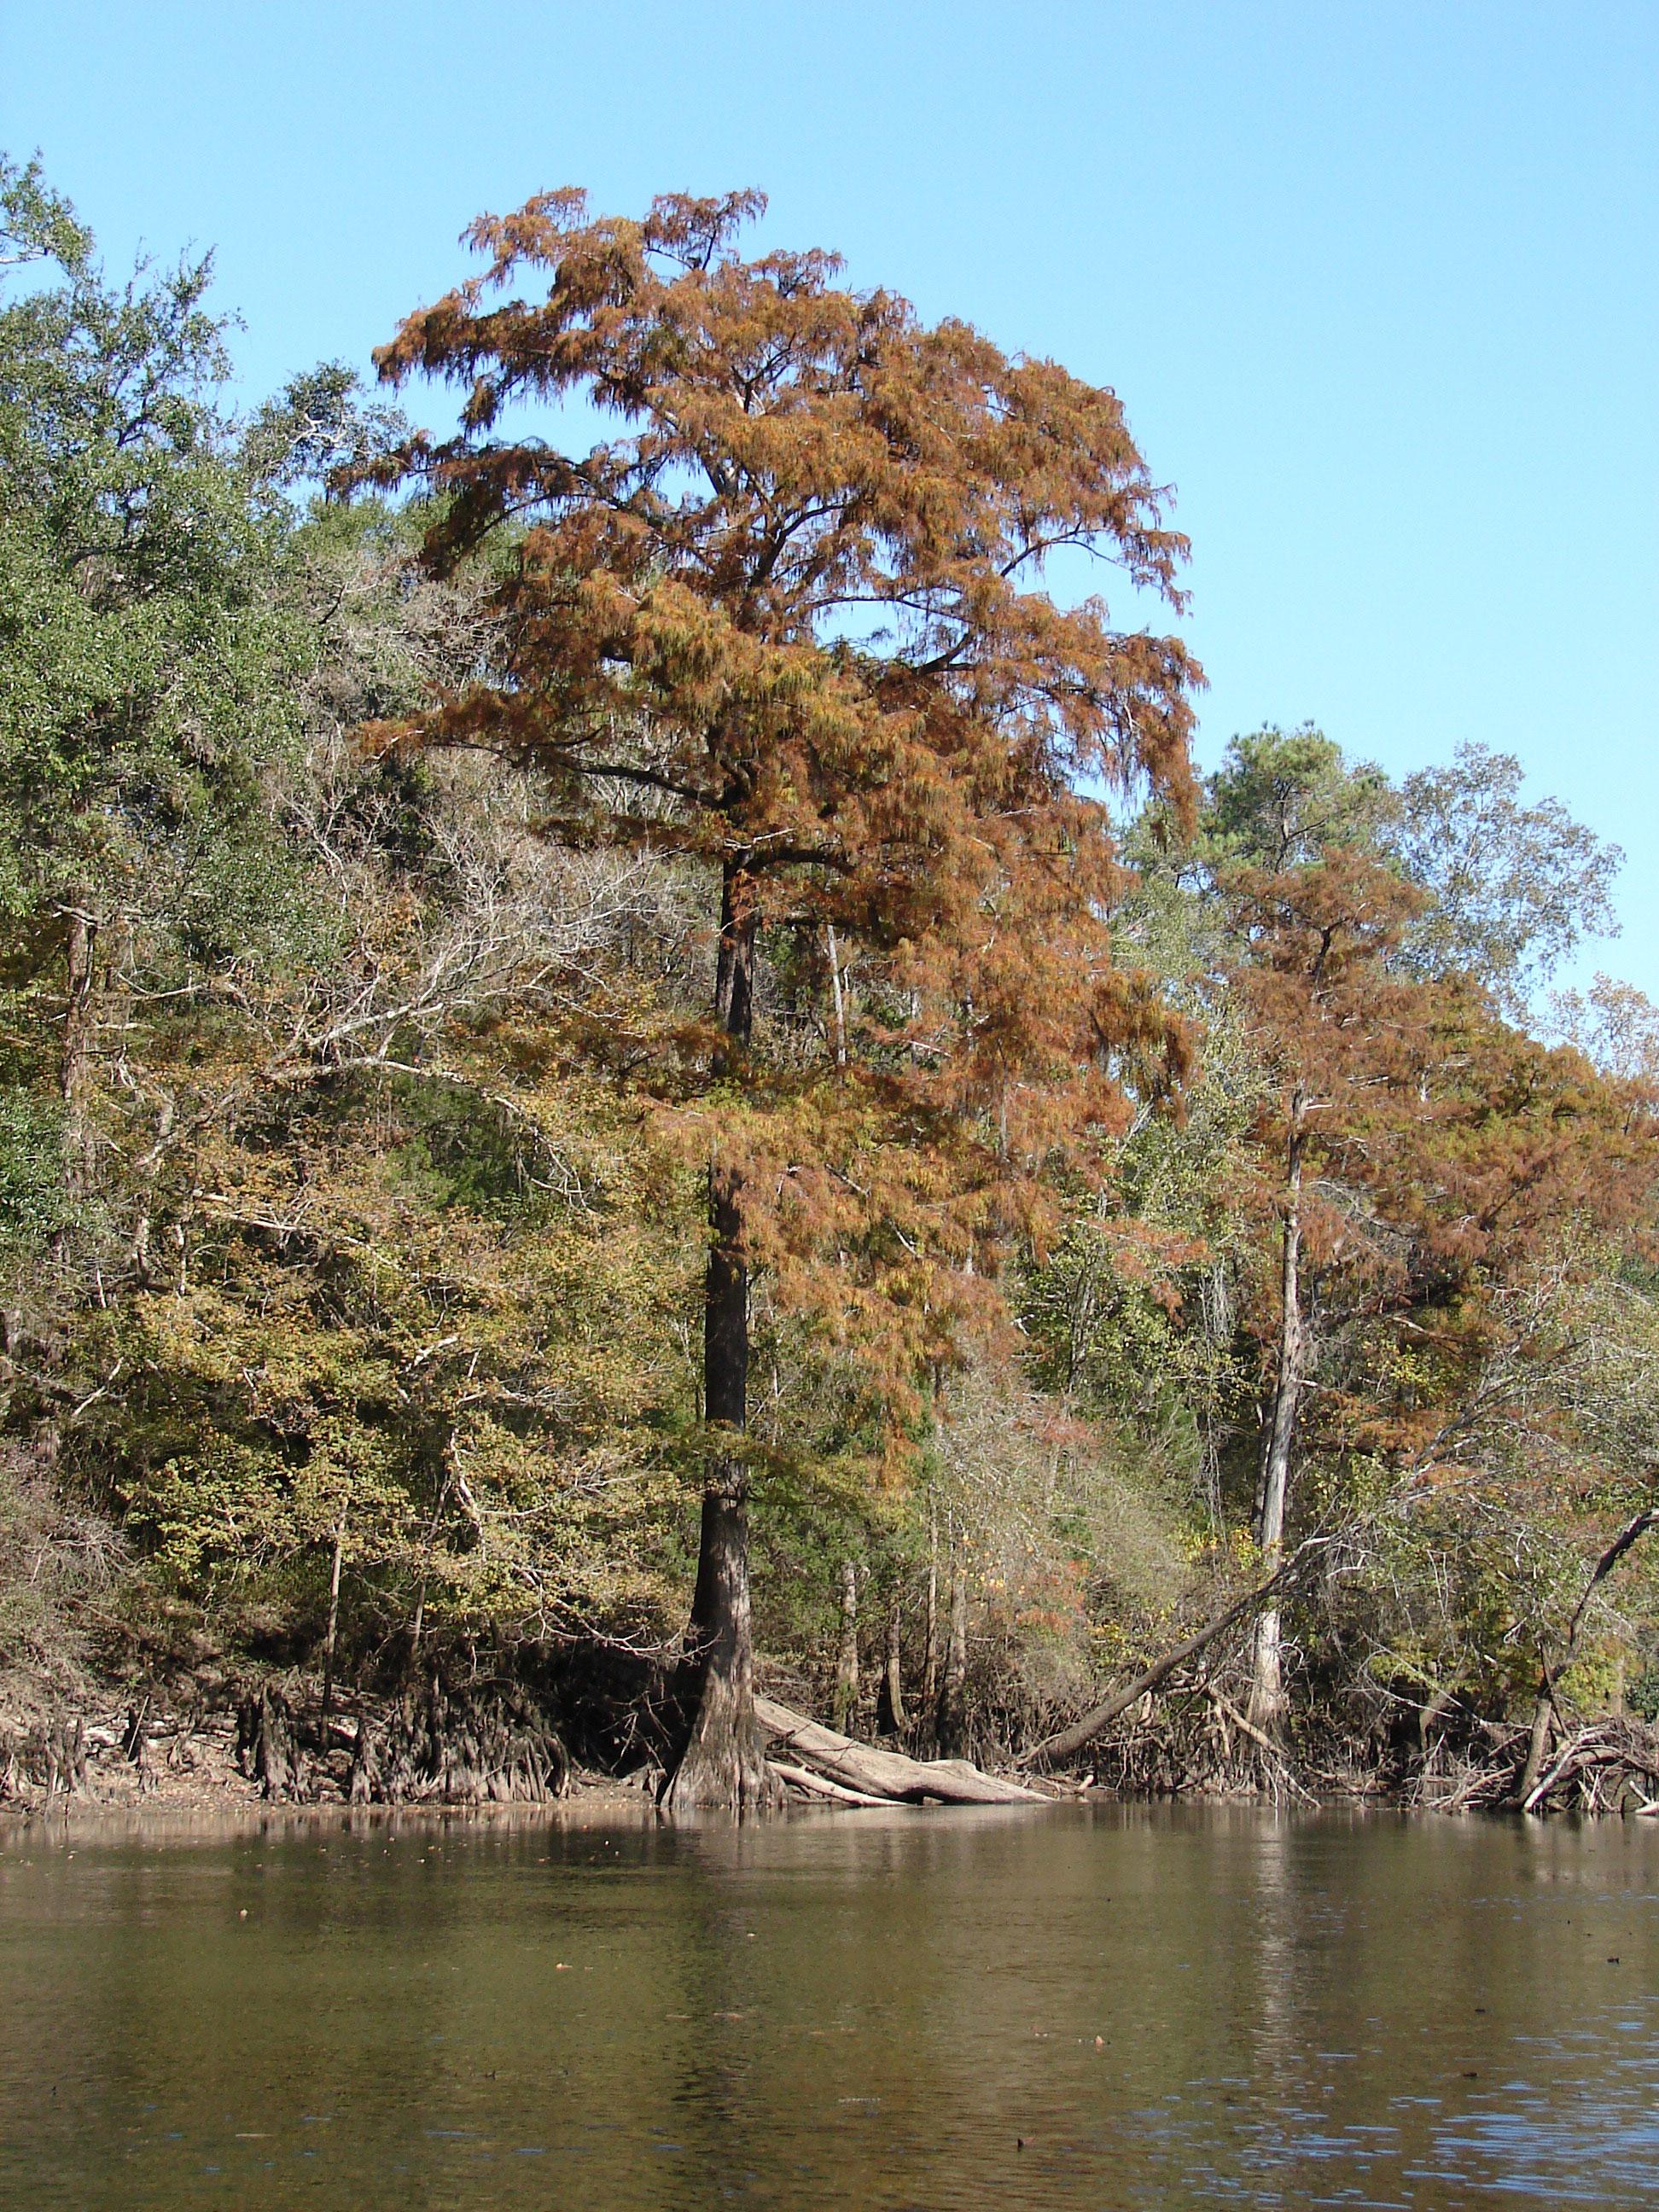 jackson-calhoun-gulf-counties-stock-photos-florida-panhandle-chipola-river-linda-bateman